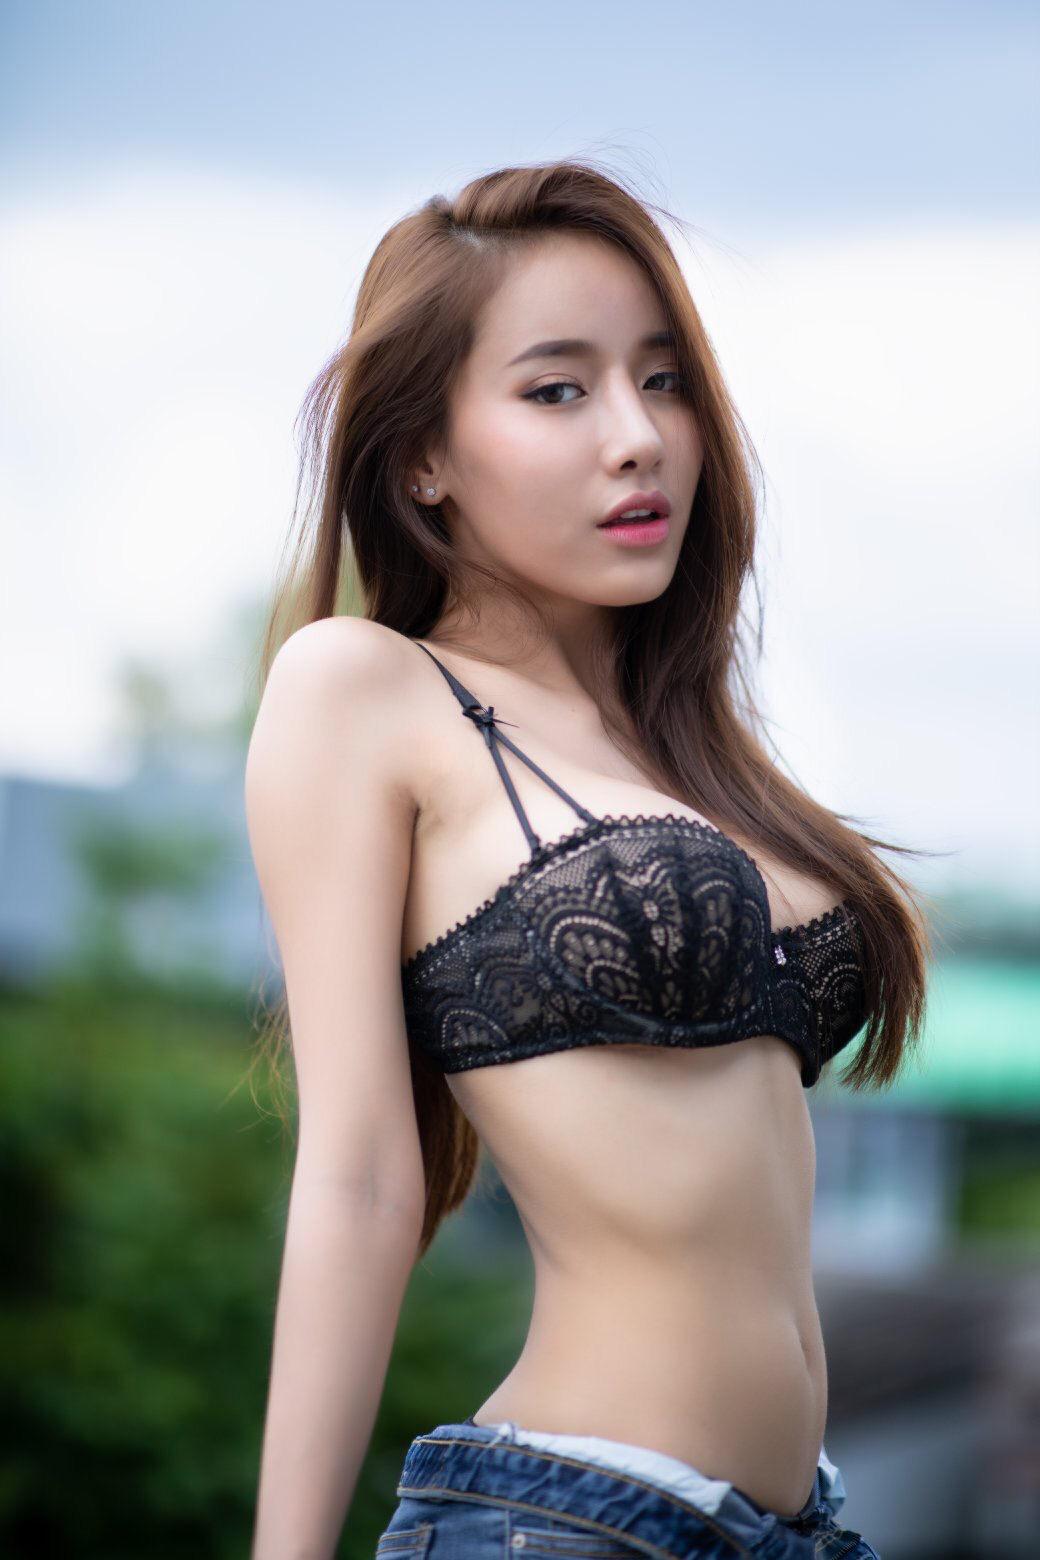 cool mood girl in lingerie